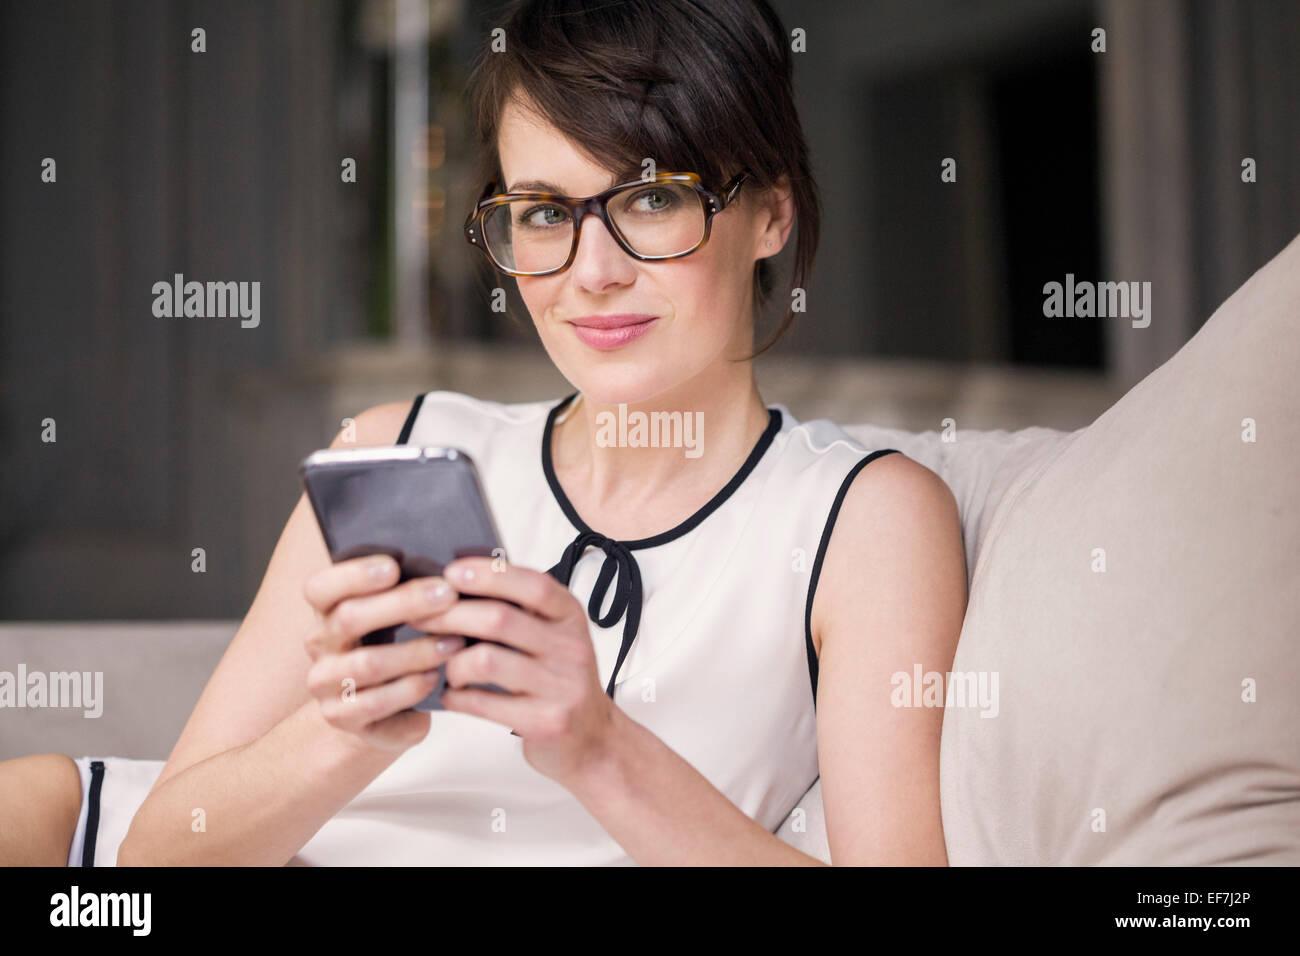 Donna che utilizza uno smartphone Immagini Stock